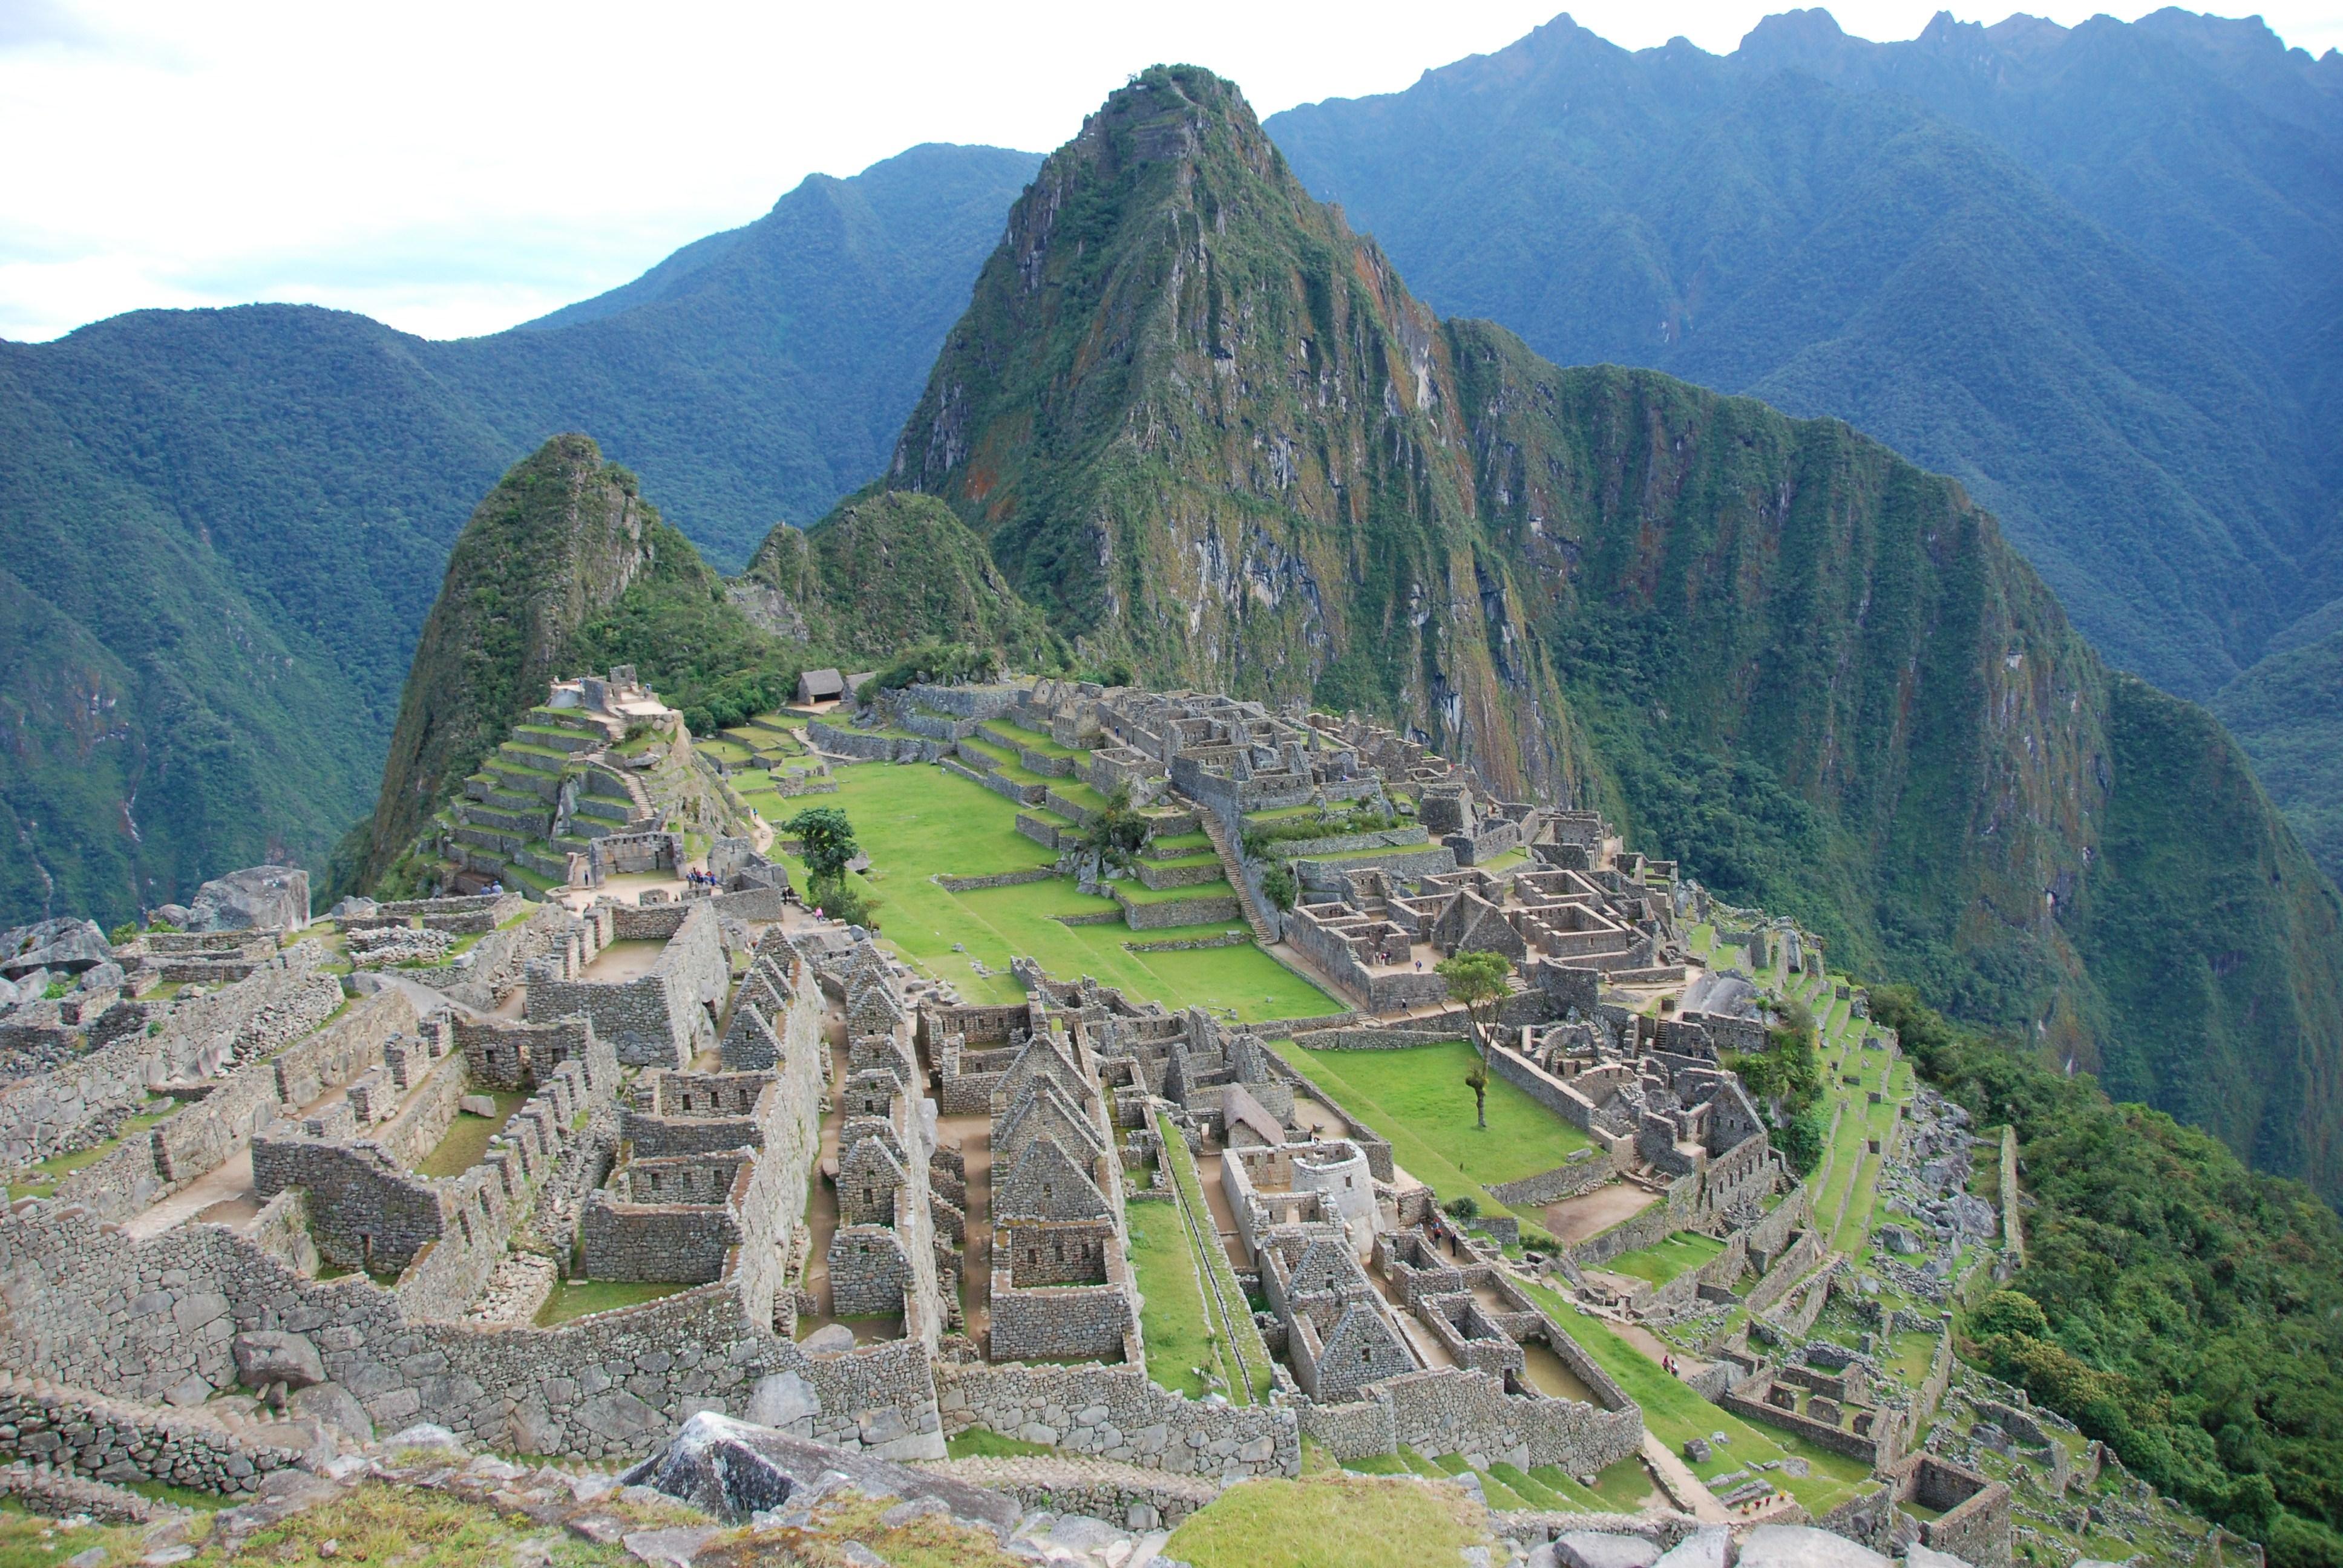 De ideale route voor een rondreis door Peru